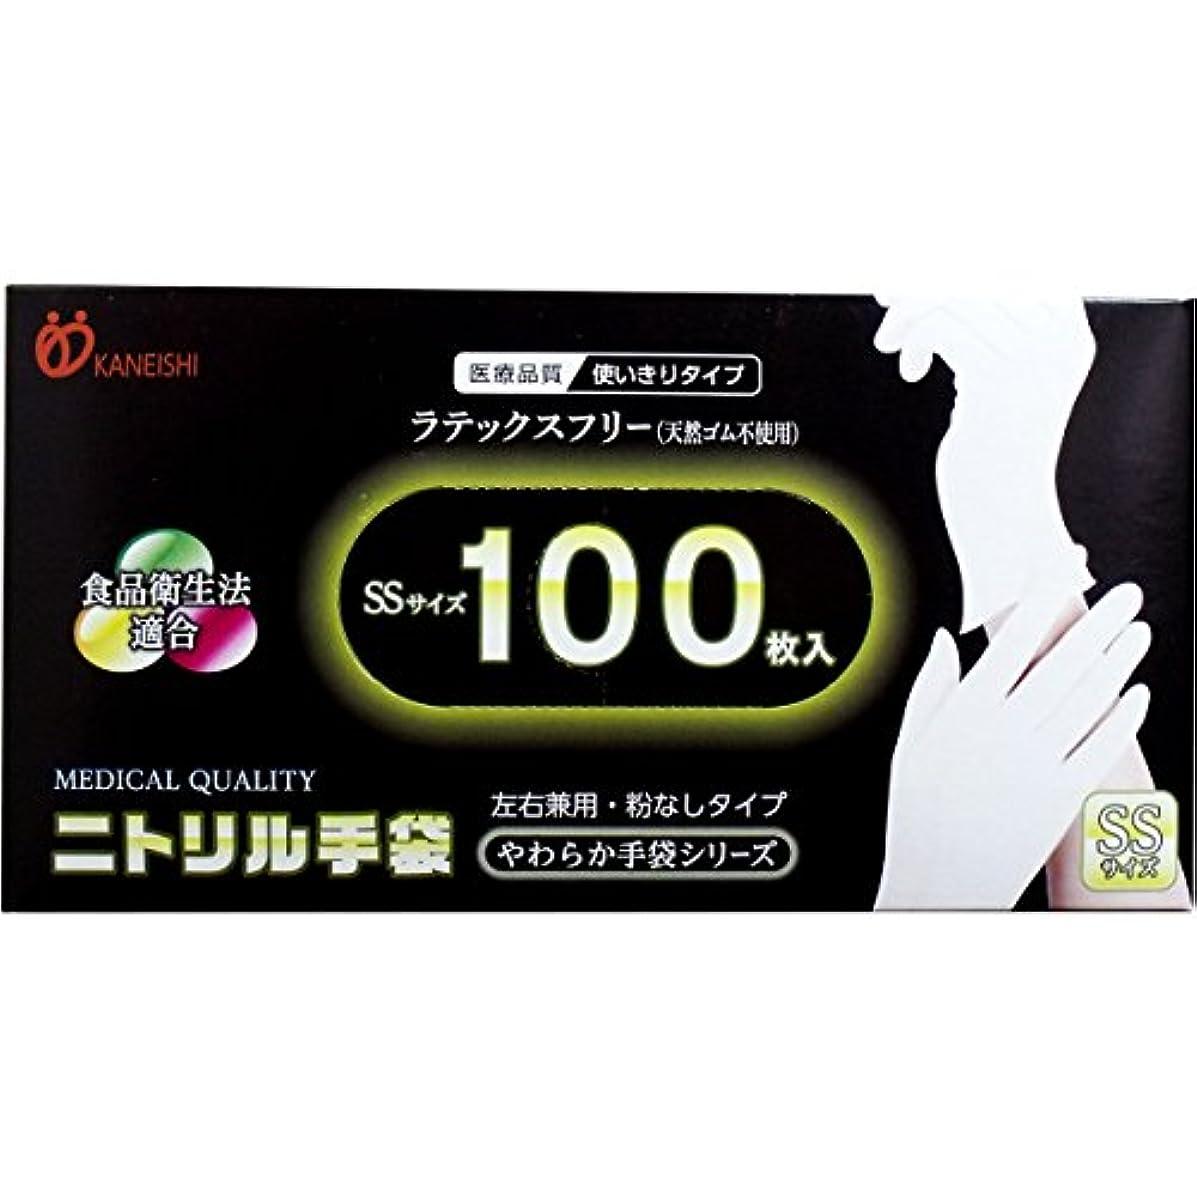 アフリカ人死にかけているアフリカ人使い捨て手袋【カネイシ やわらかニトリル手袋 粉無SSサイズ】1000枚(100枚入 X10箱)